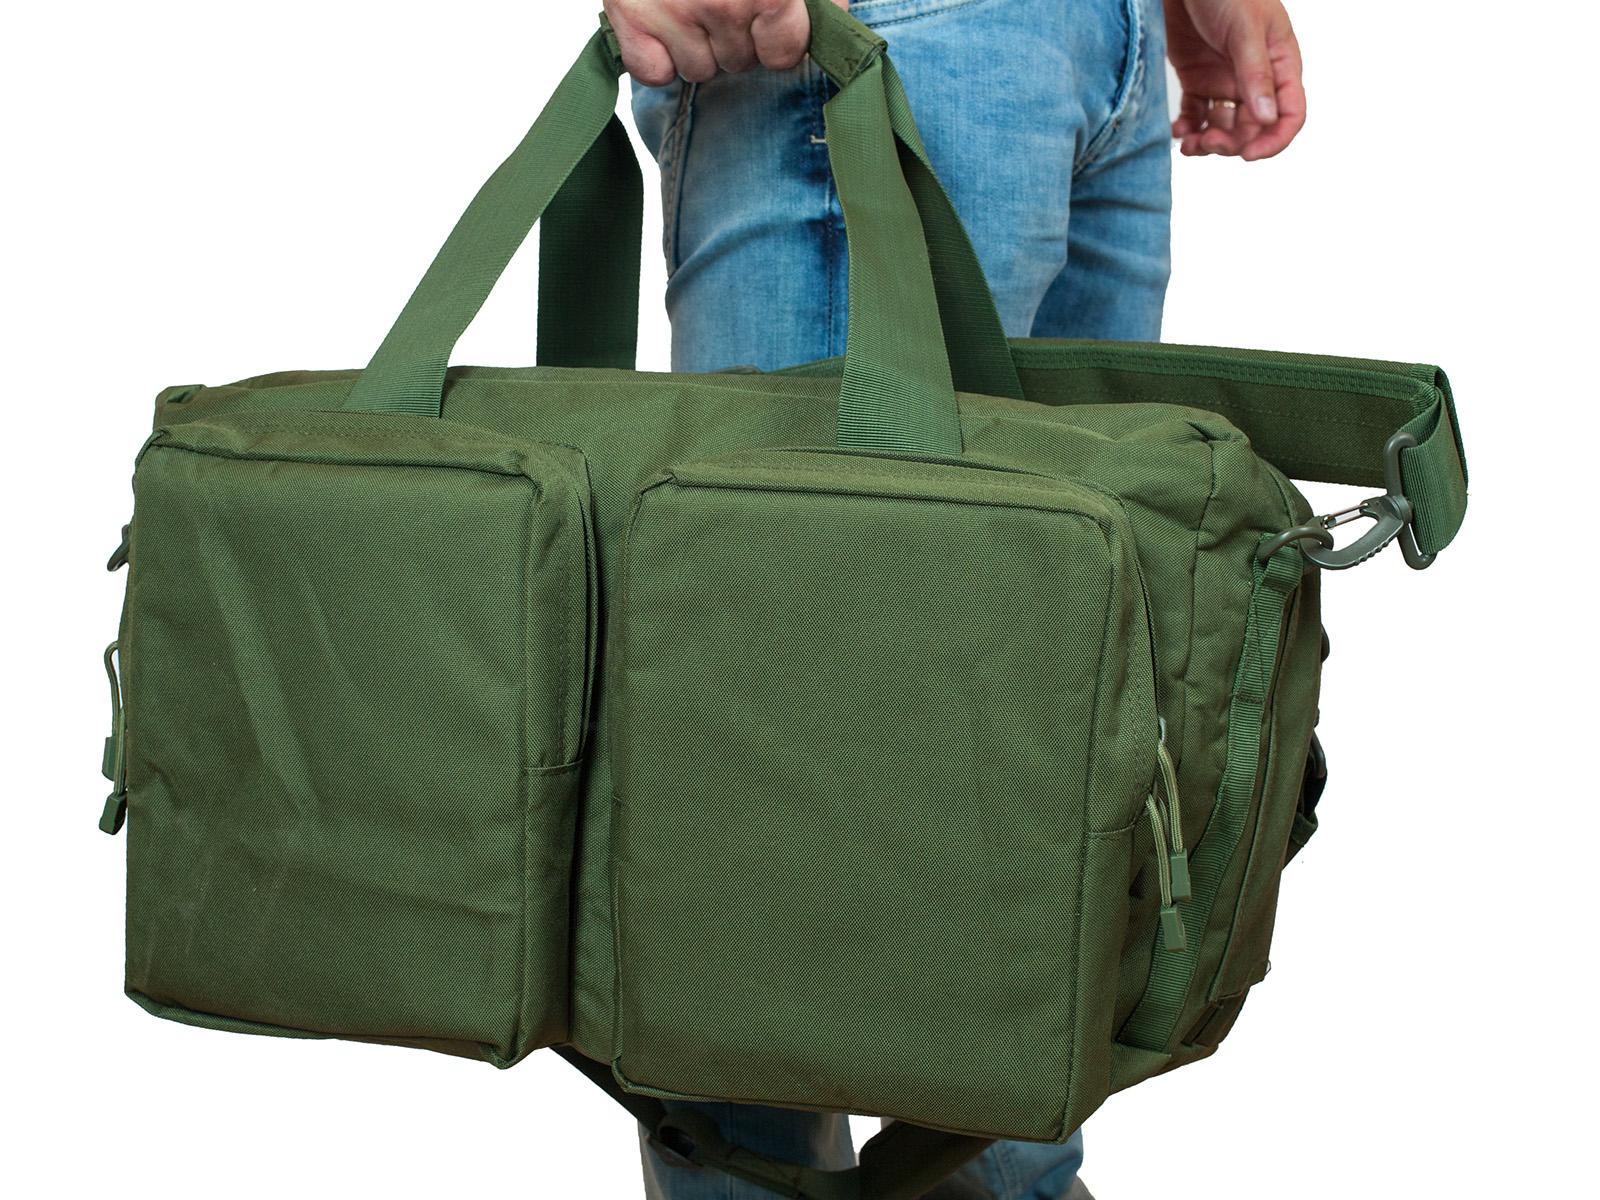 Заплечная тактическая сумка-рюкзак Рожден в СССР - заказать в подарок